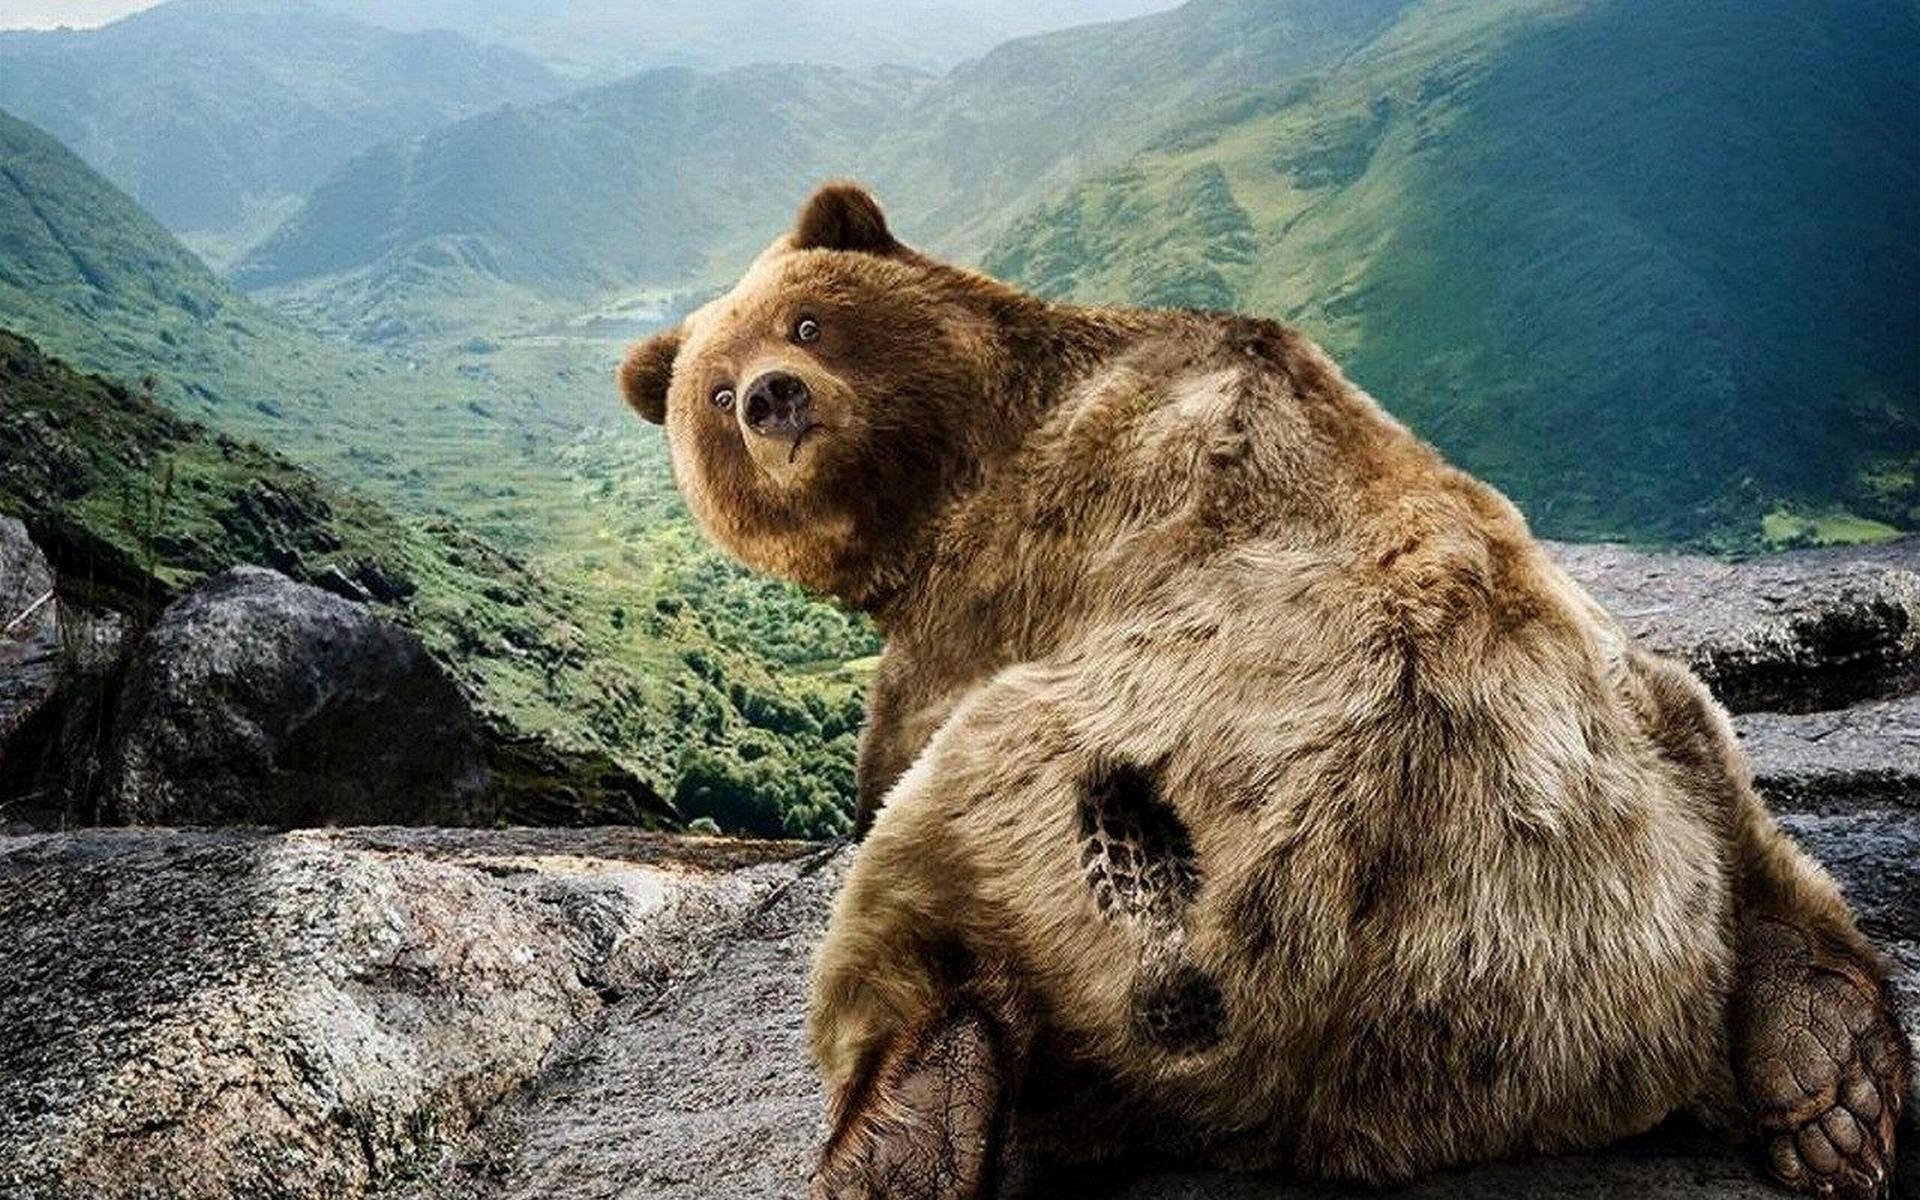 29368 Bildschirmschoner und Hintergrundbilder Humor auf Ihrem Telefon. Laden Sie Humor, Tiere, Bären Bilder kostenlos herunter